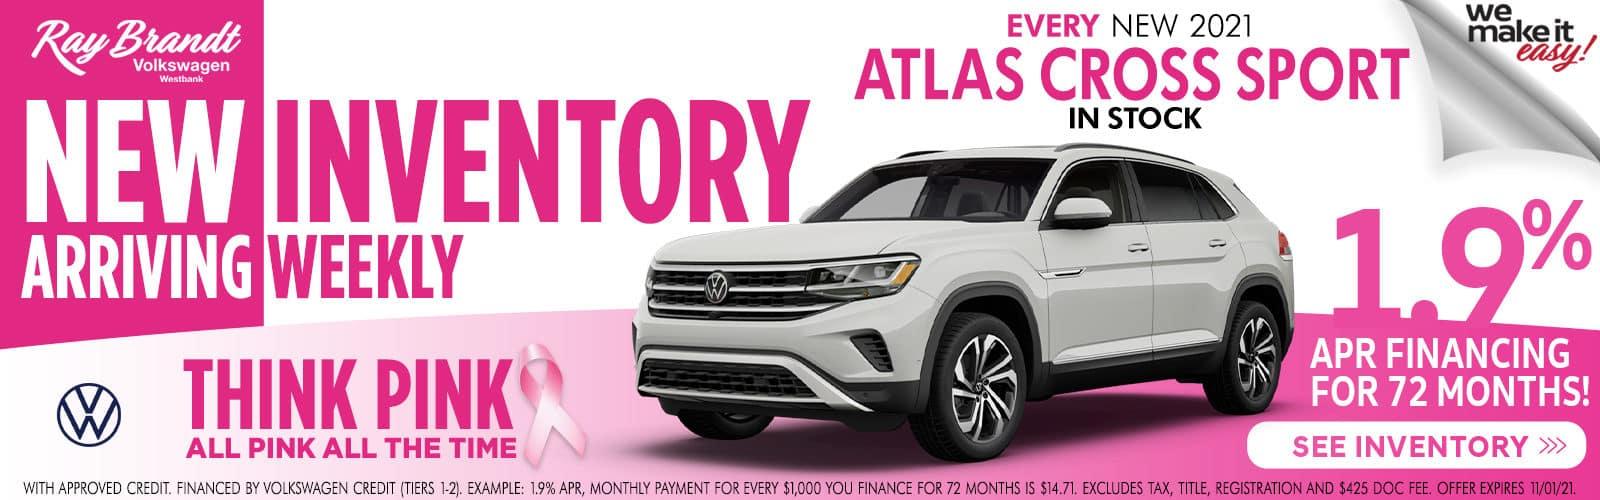 Atlas Cross Sport 1.9% apr financing